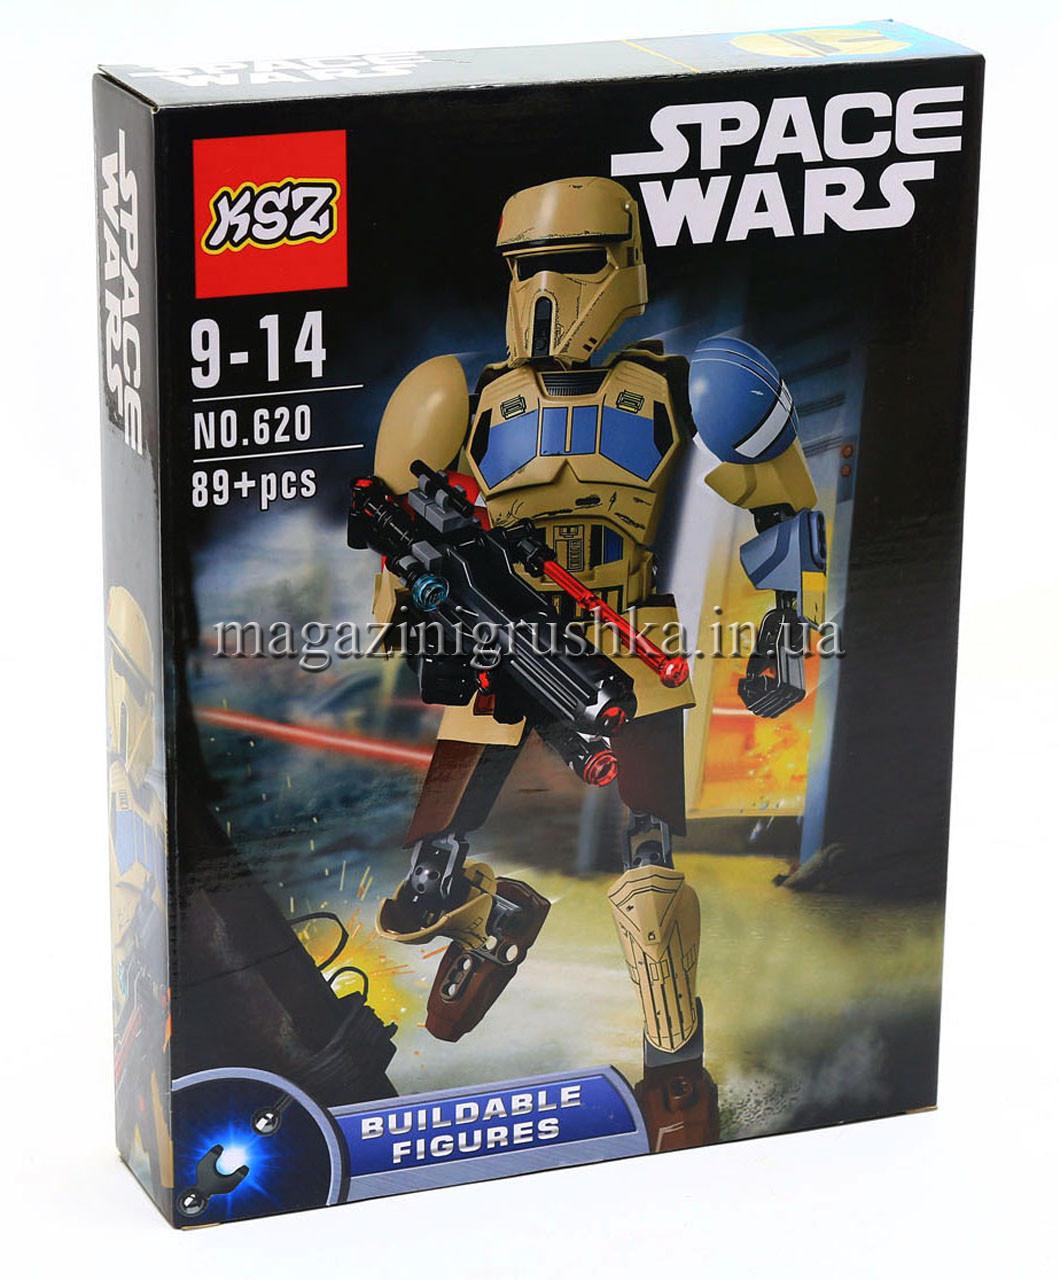 Конструктор Звёздные войны Star Wars Space Wars арт. 620 Штурмовик со Скарифа 89 деталей